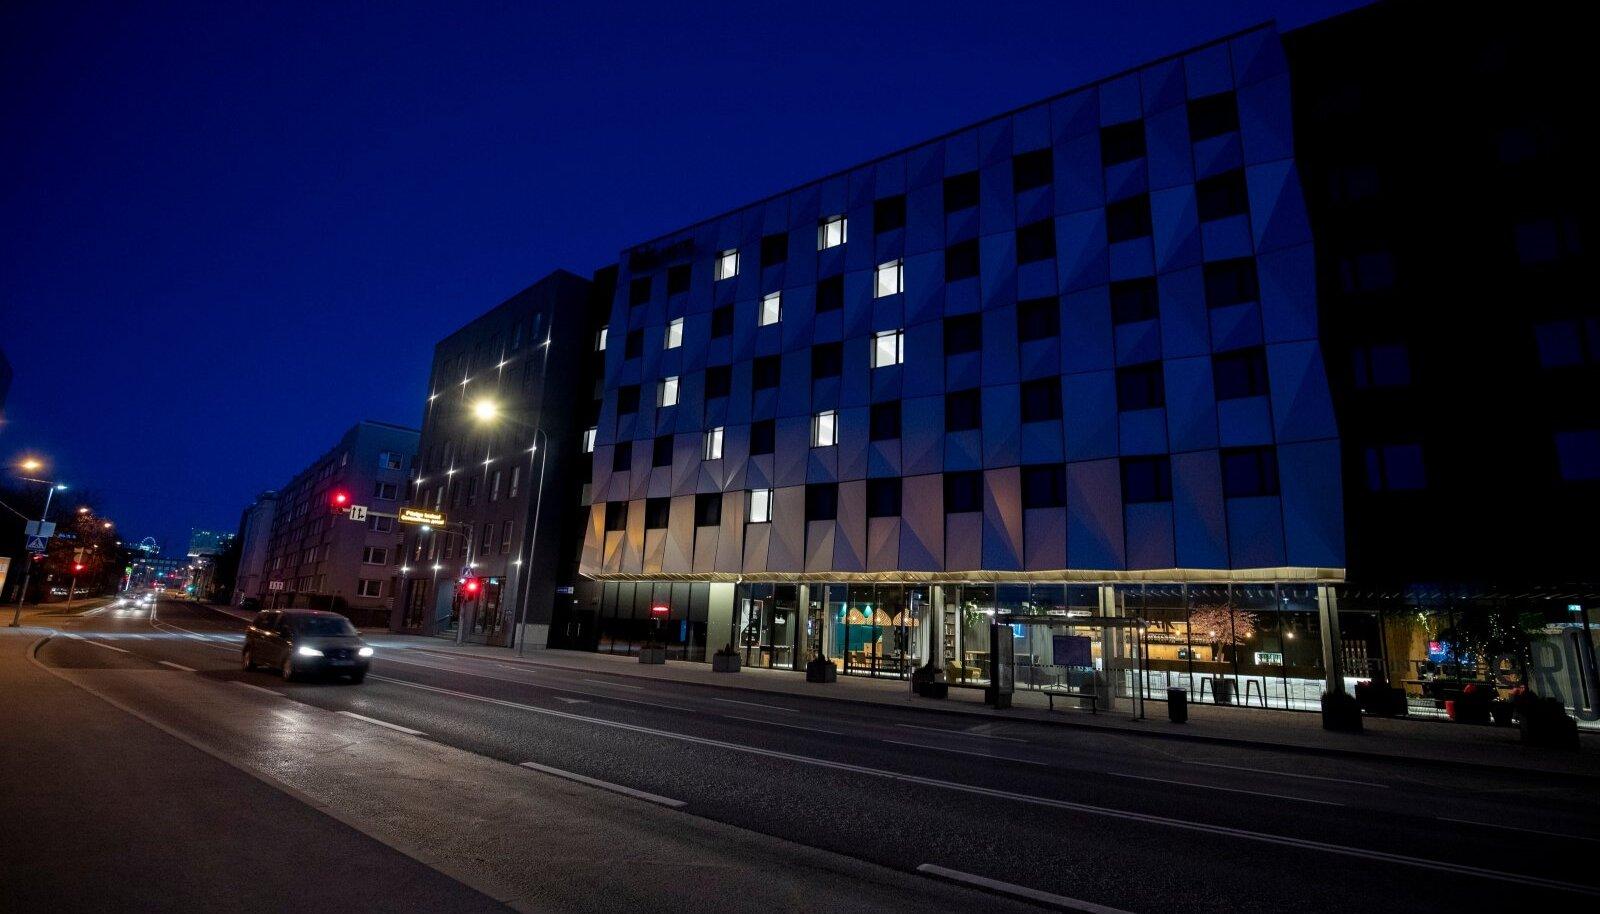 Tallinna tühjad hotellid kasutasid numbritubade valgustust nutikalt ära, et tuua natukenegi rõõmu koroonast laastatud meeleollu.